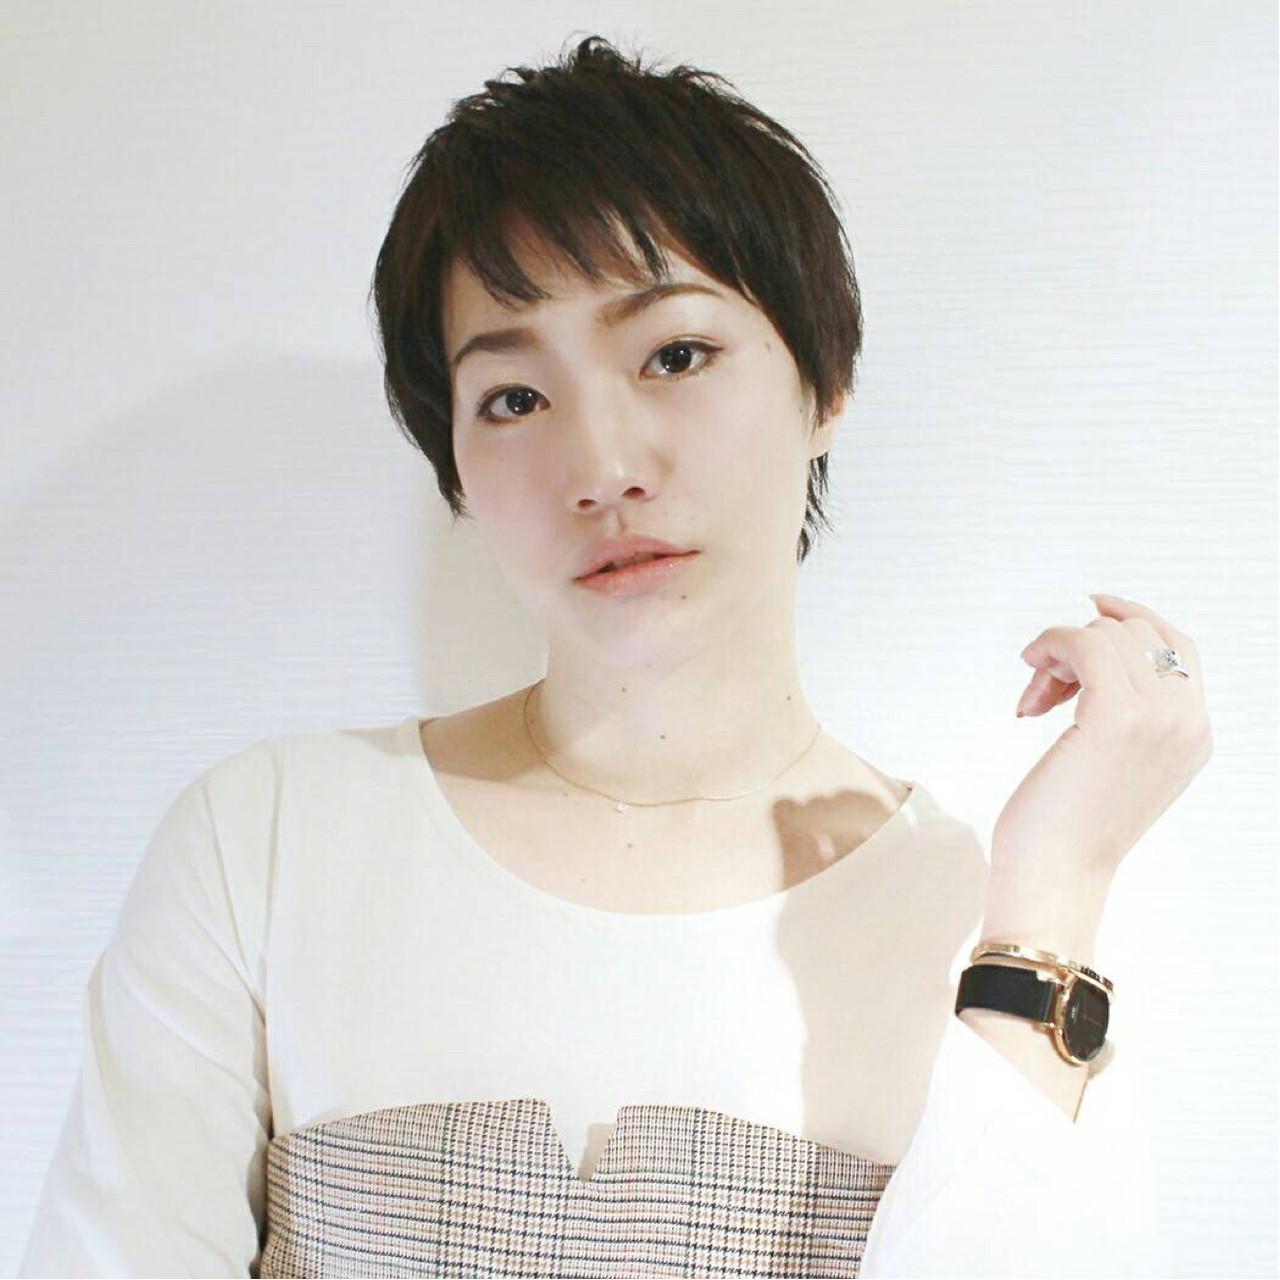 前髪の束感で抜け感のあるスタイルに♡ KAHO YANAGIHARA